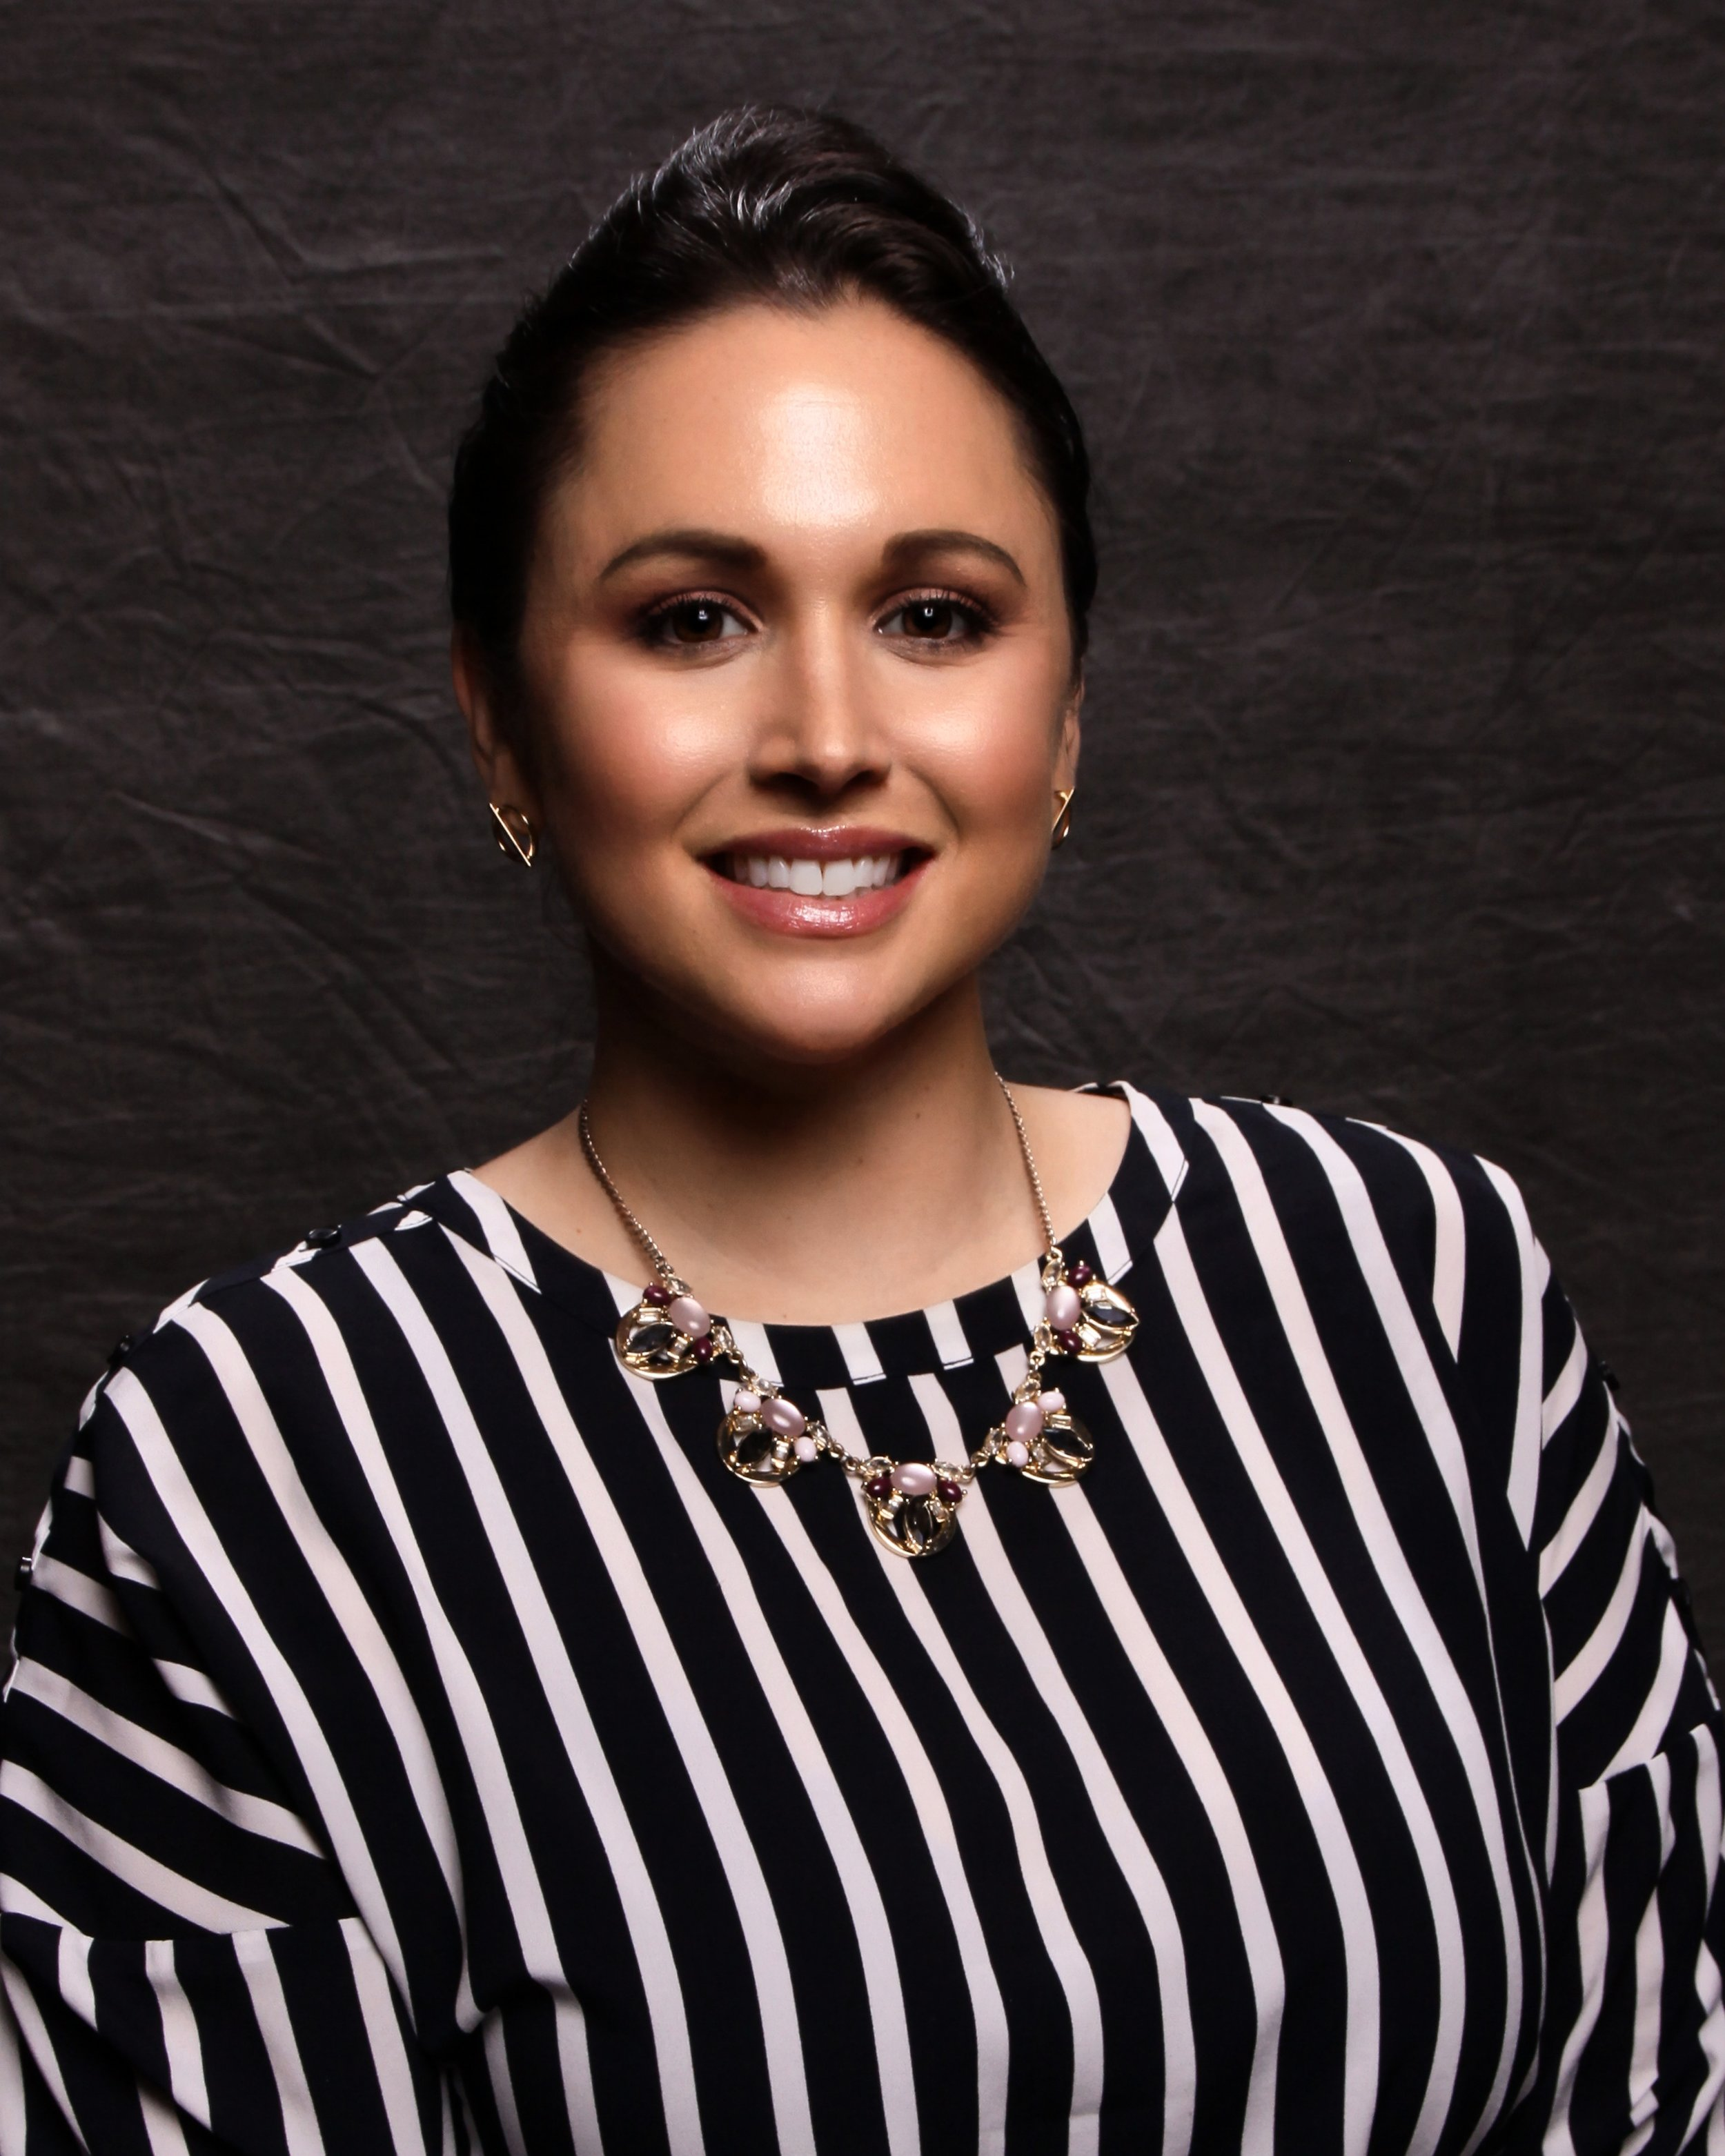 Kristen Moore_AG_3249_pp.Jpg